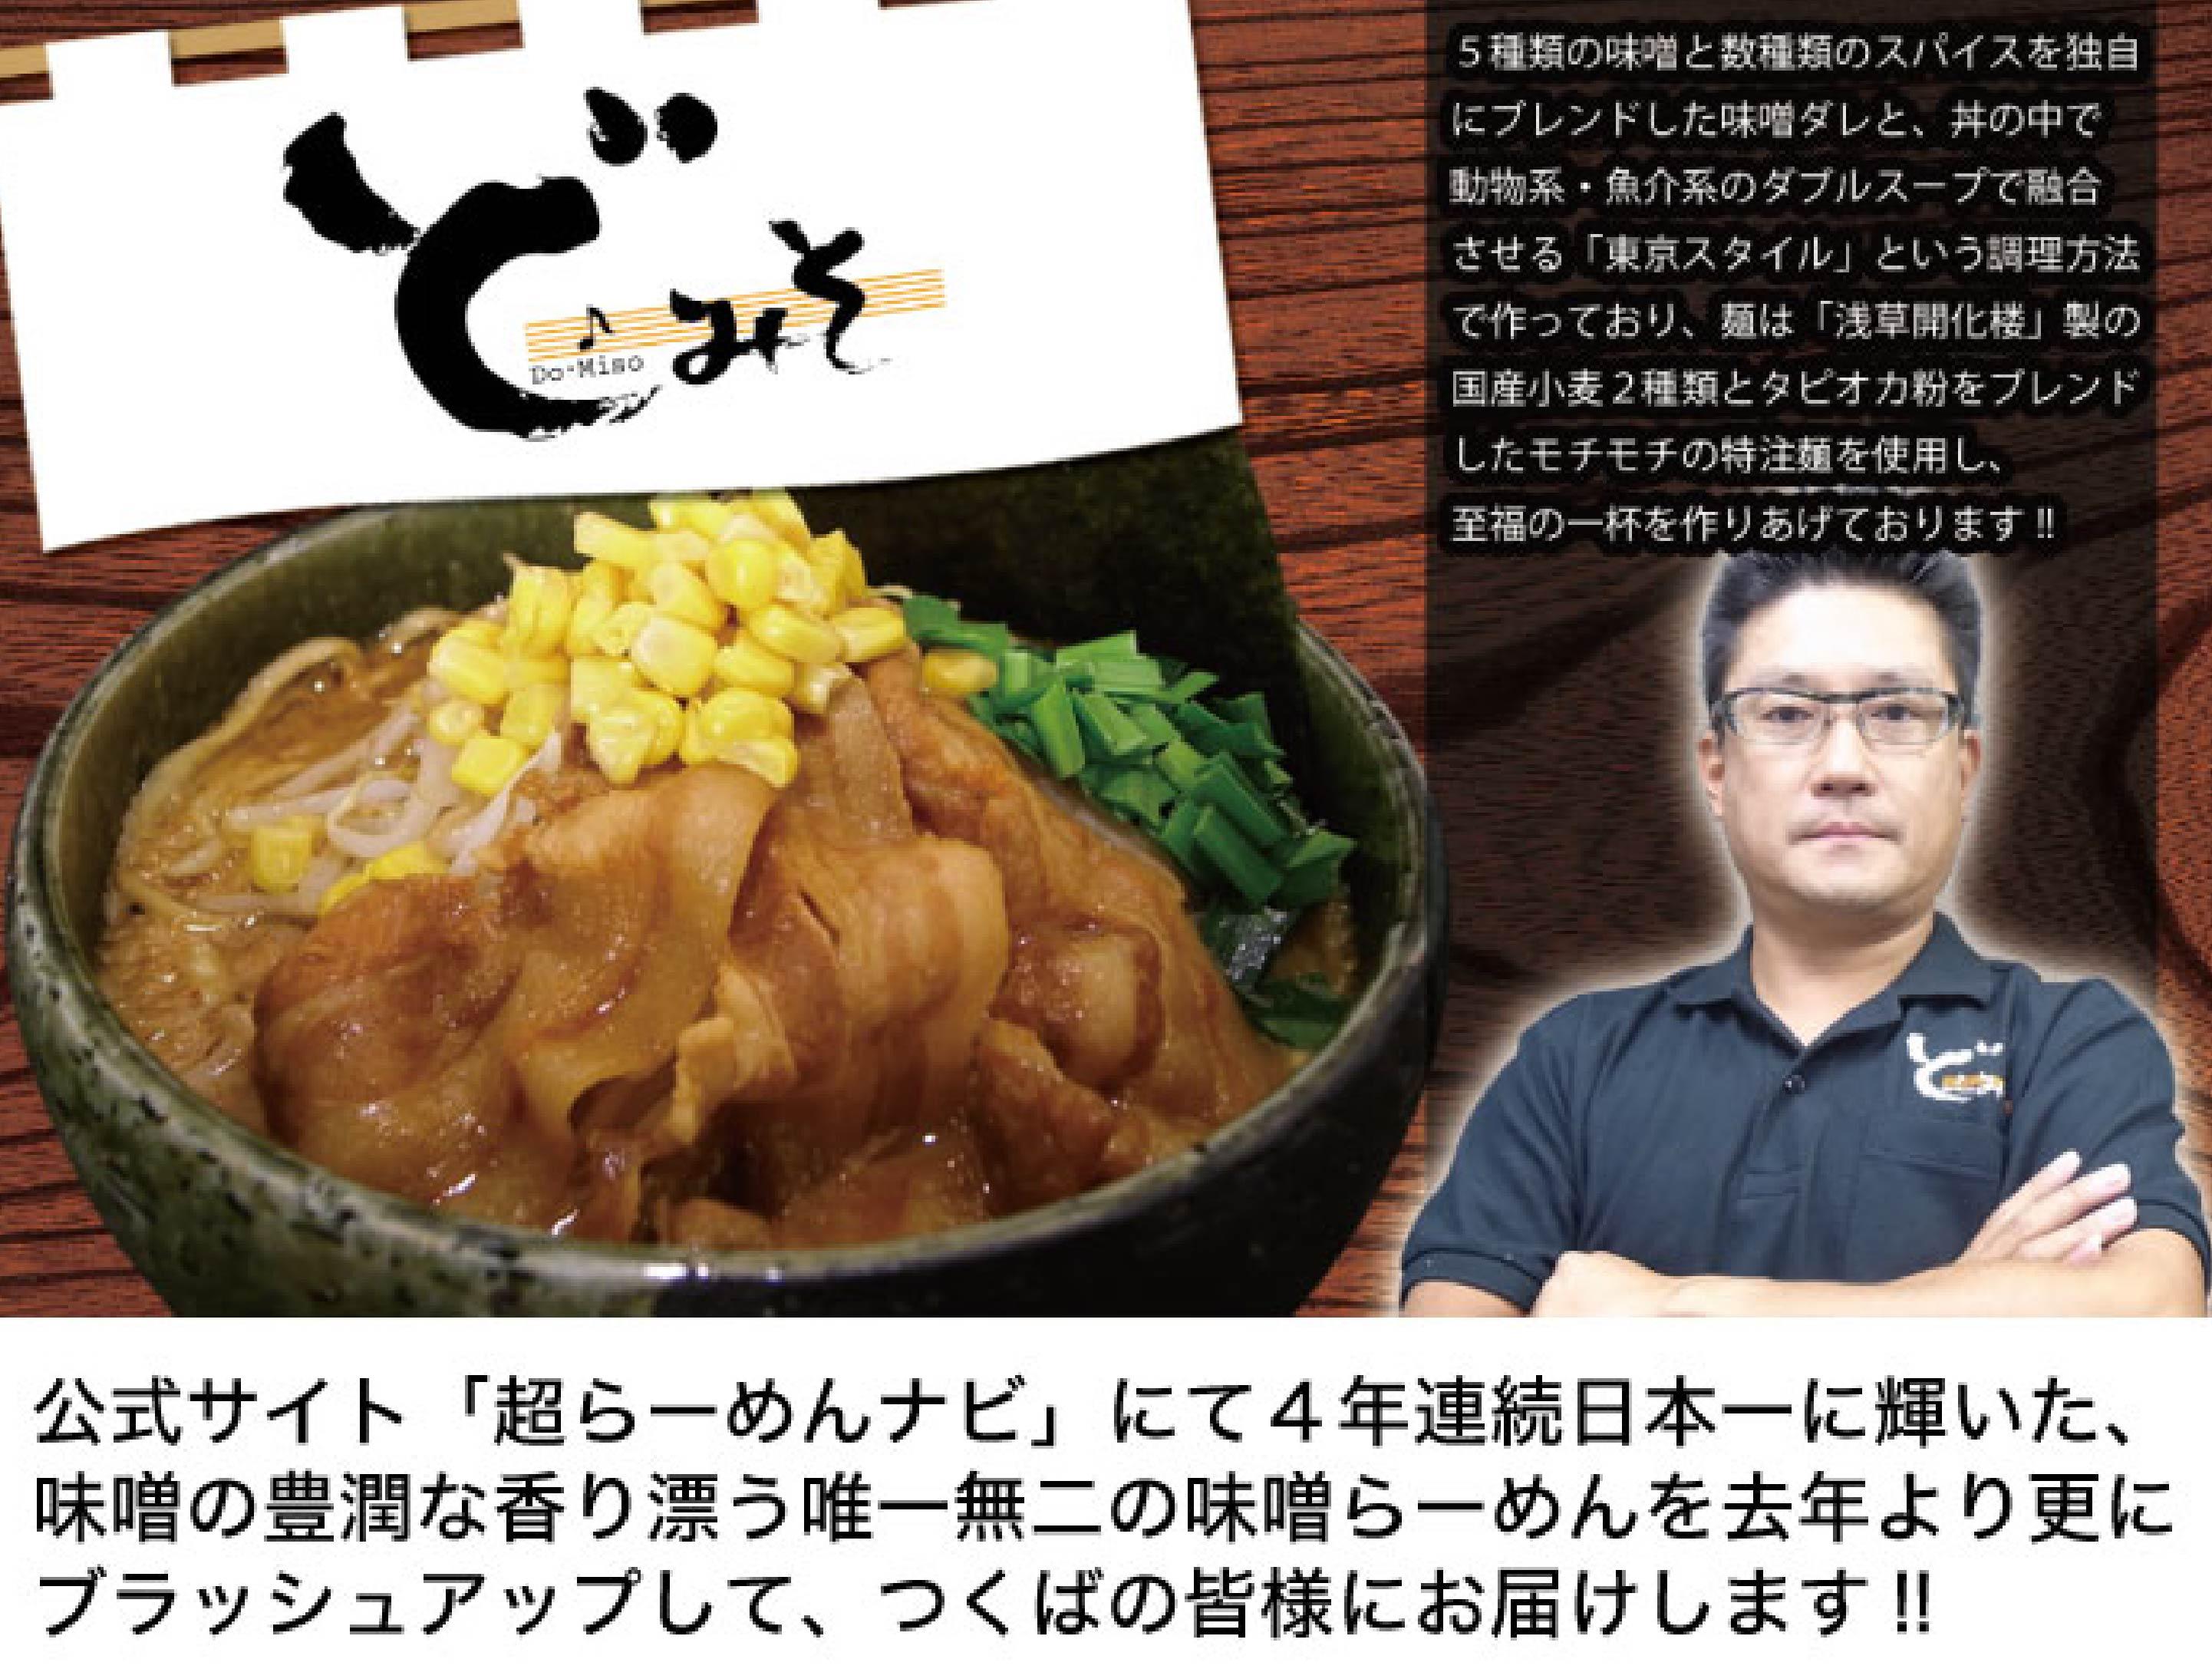 tenpo_d-03